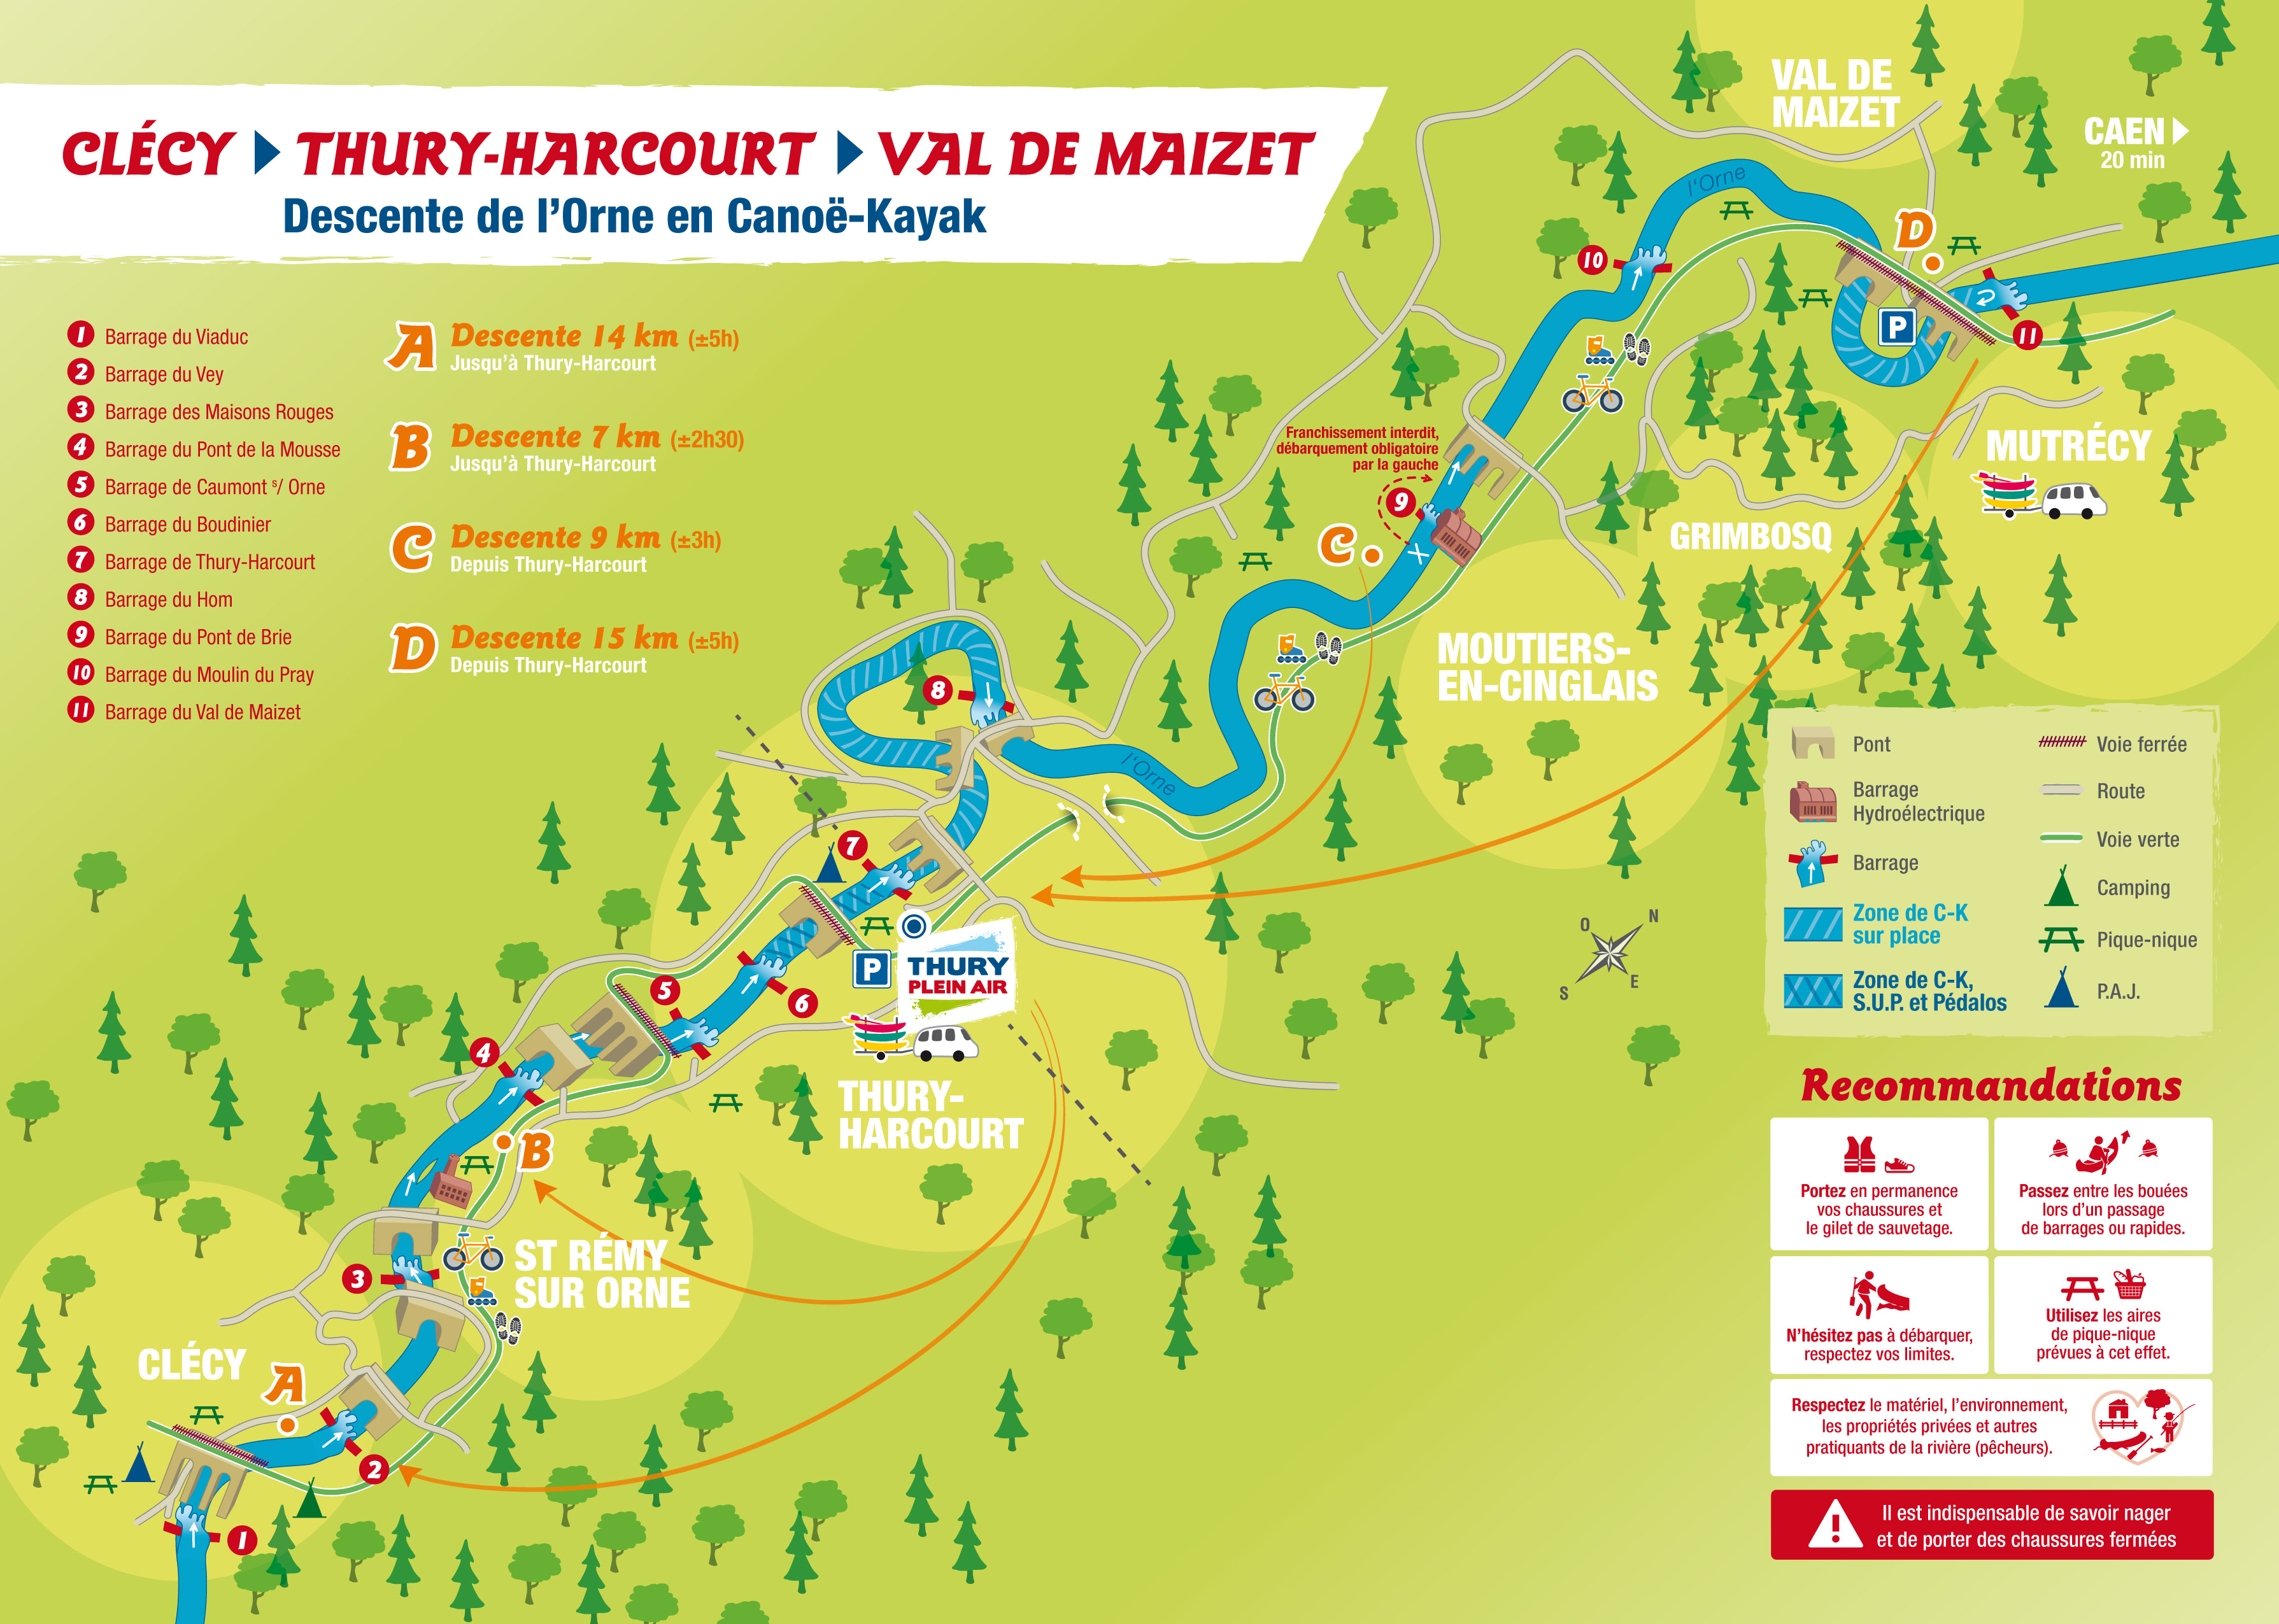 Plan descente canoë kayak Clécy Thury Harcourt Val de Maizet